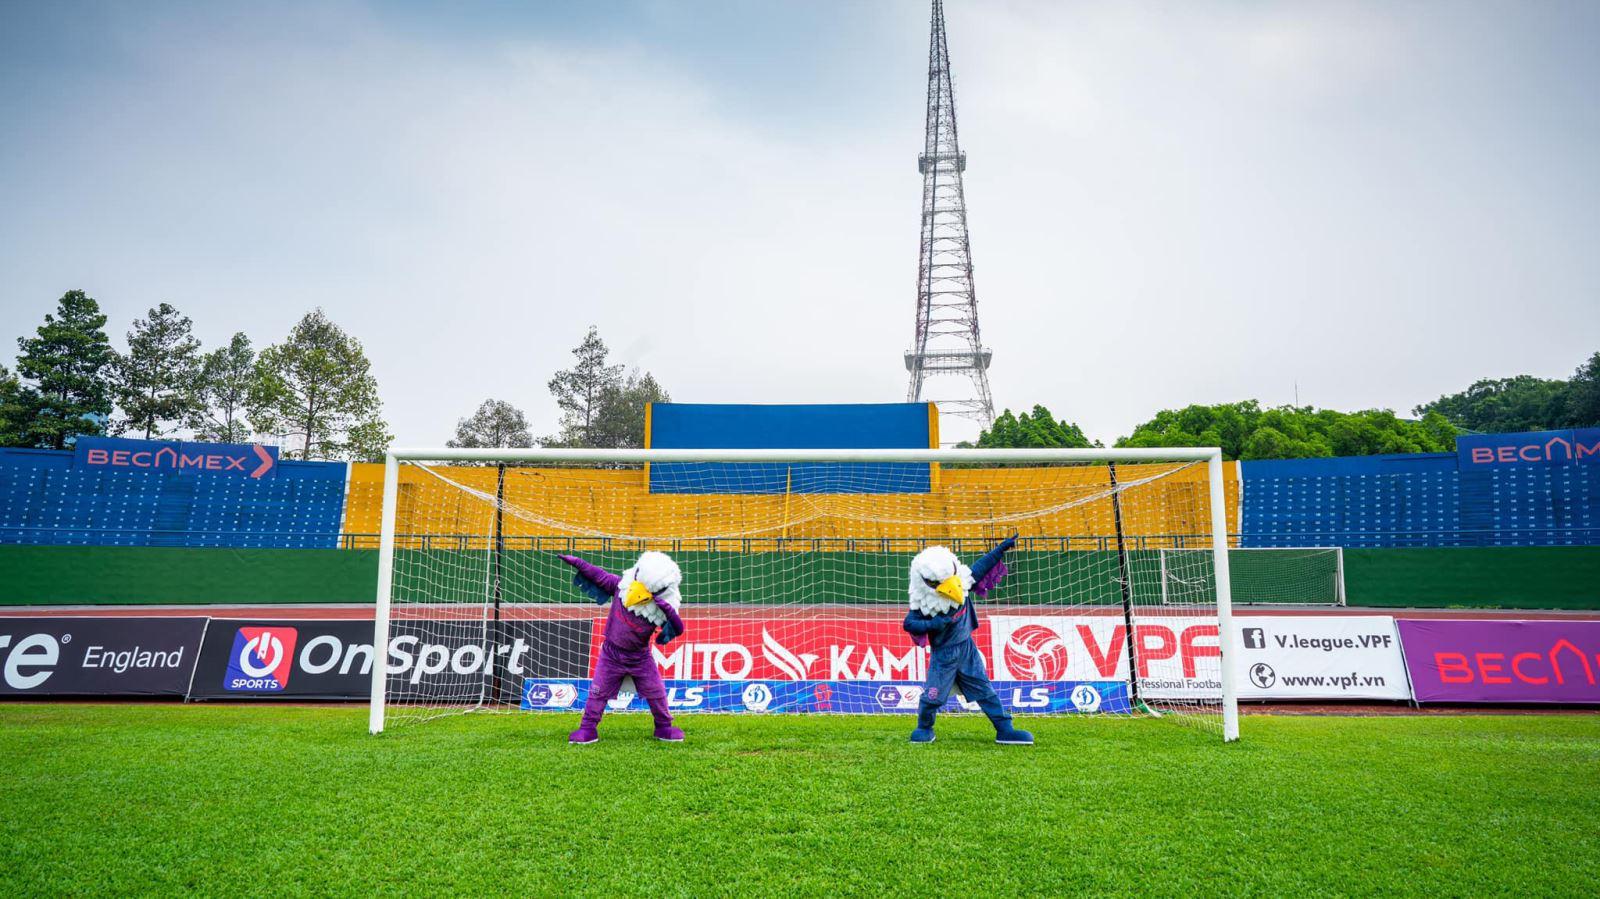 bóng đá Việt Nam, tin tức bóng đá, bong da, tin bong da, Lee Nguyễn, CLB TPHCM, V-League, BXH V-League, lịch thi đấu vòng 3 V-League, kết quả bóng đá